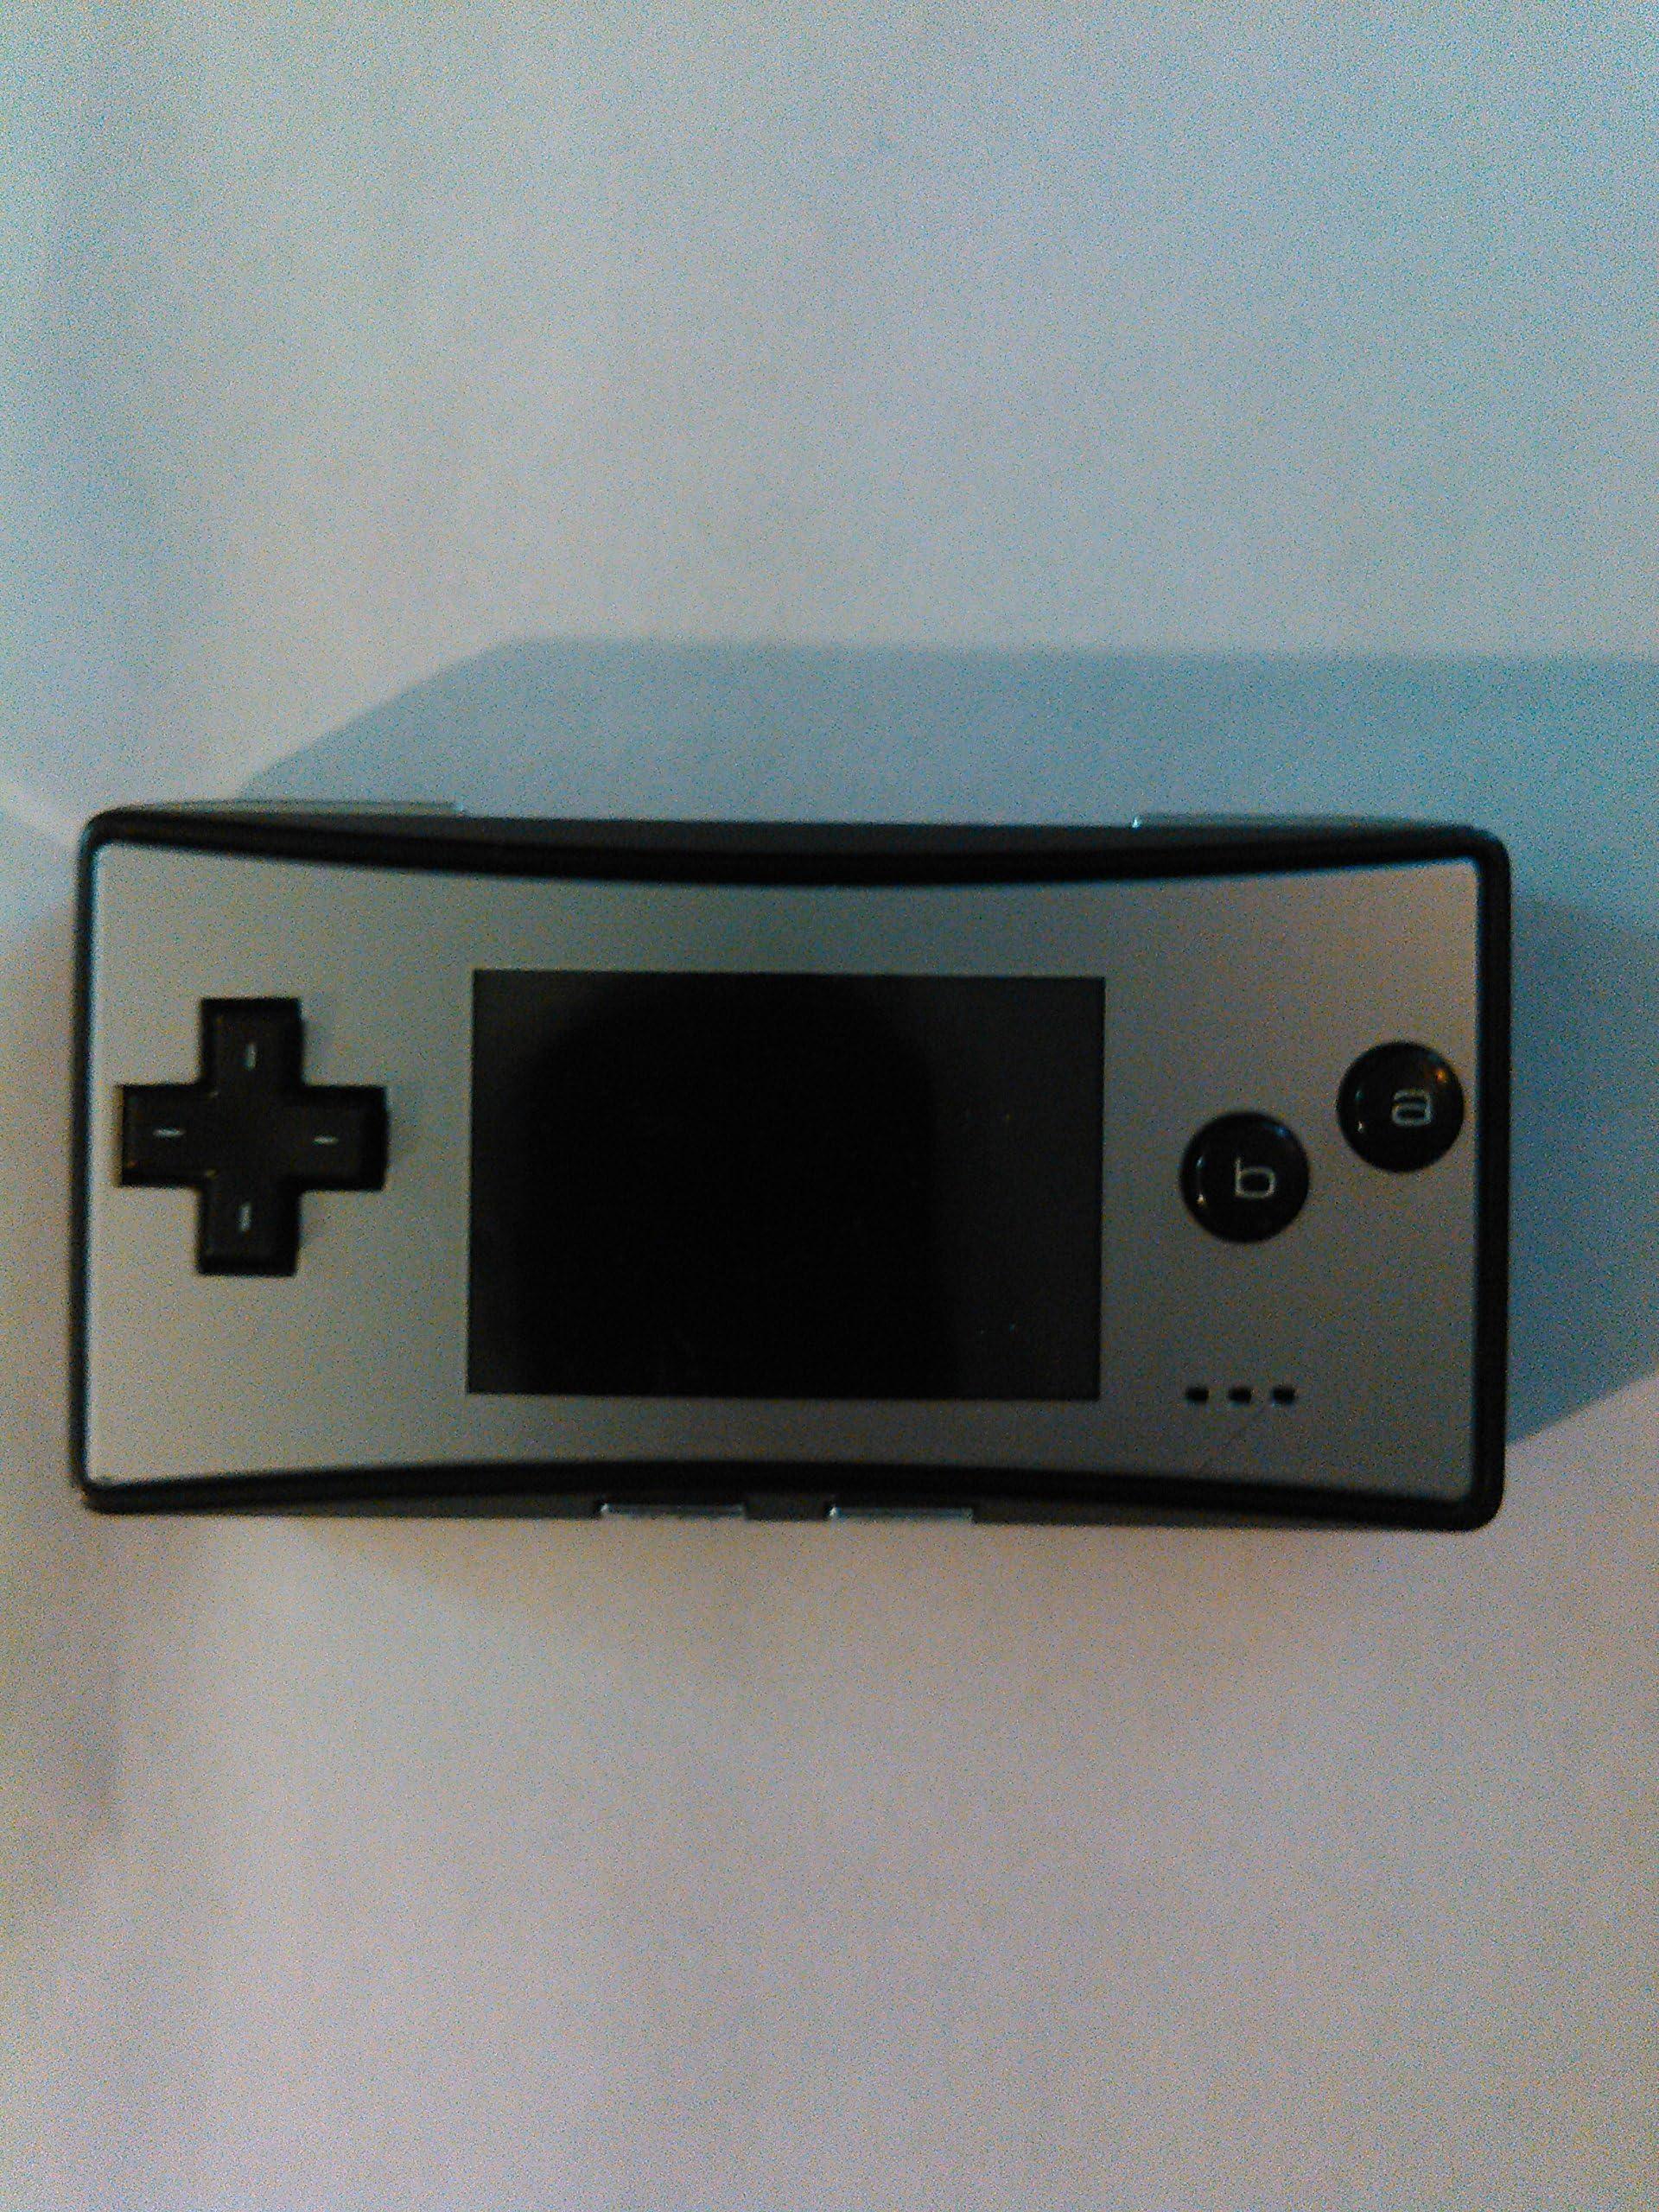 Gameboy color emulator online - Image Unavailable